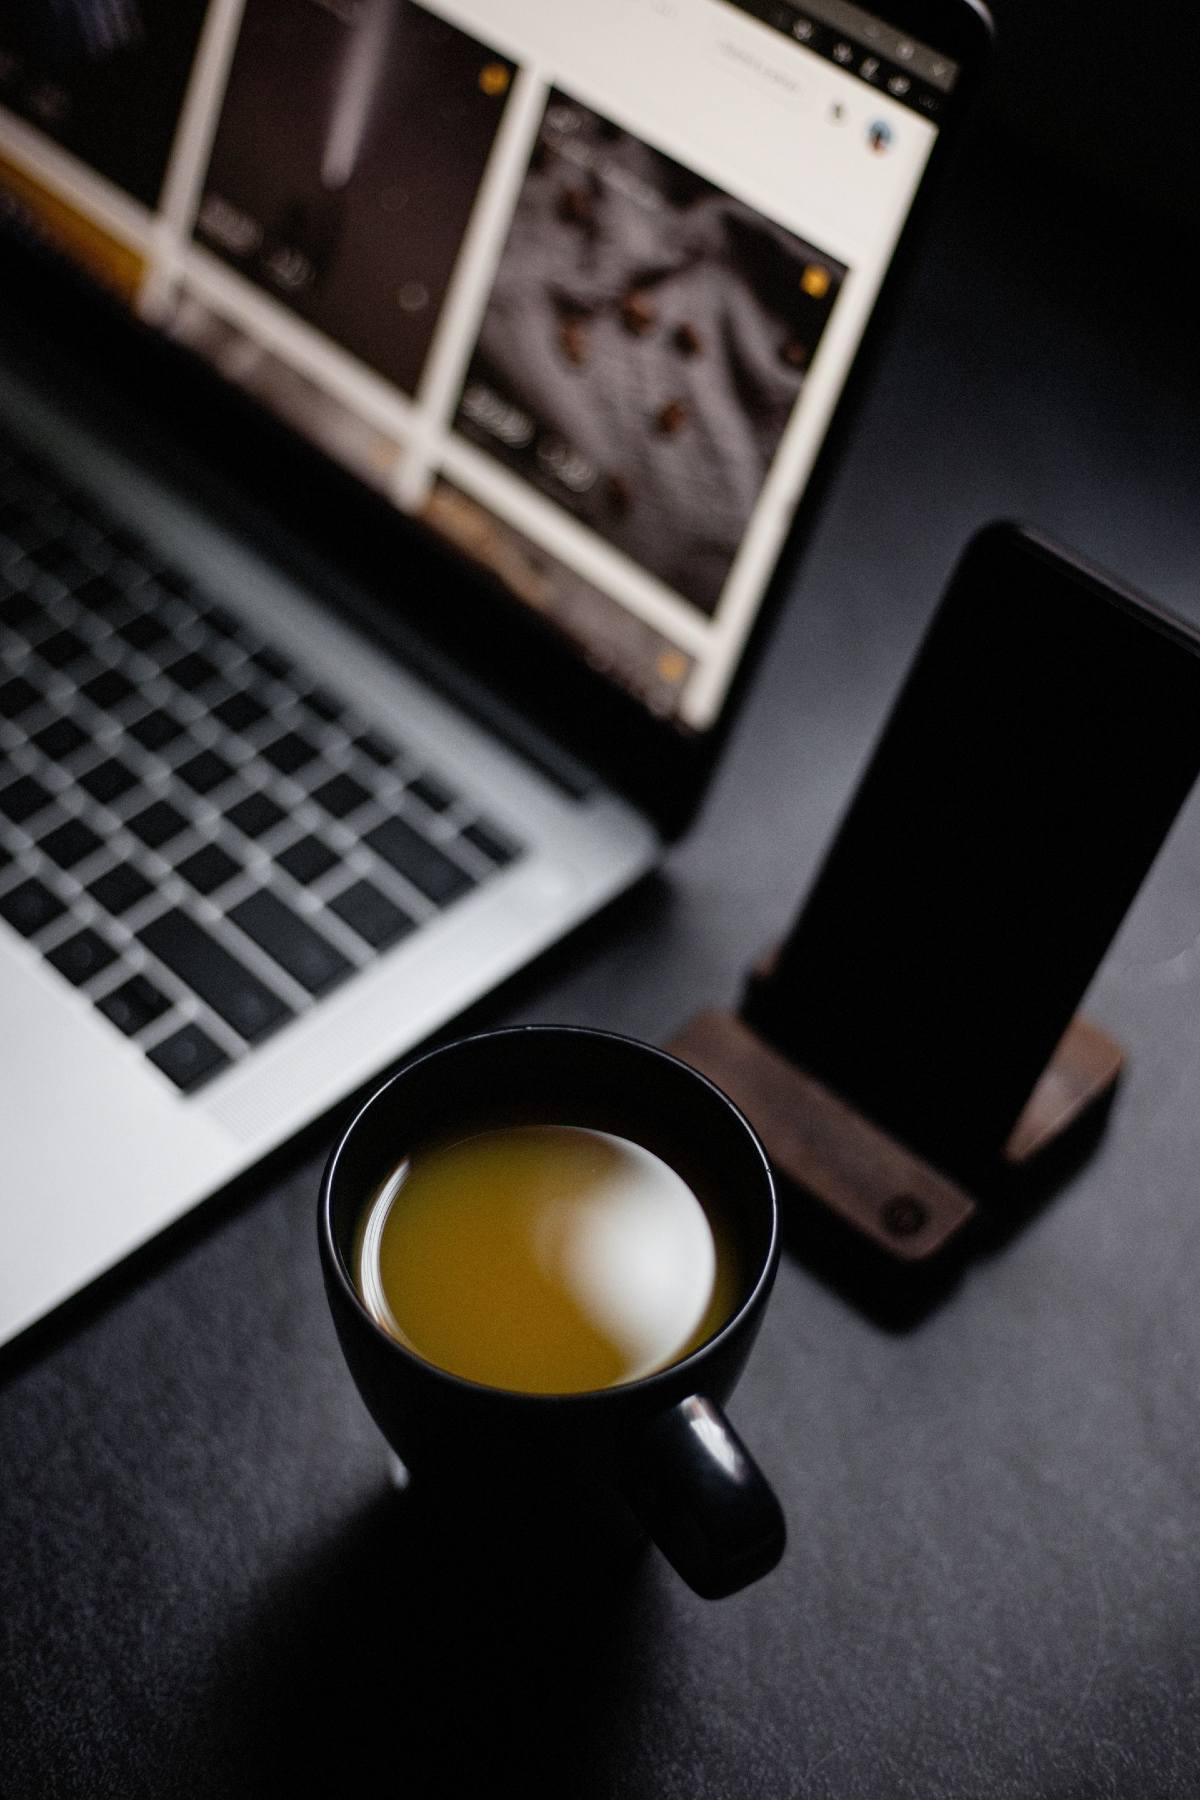 laptop-coffee-on-desk